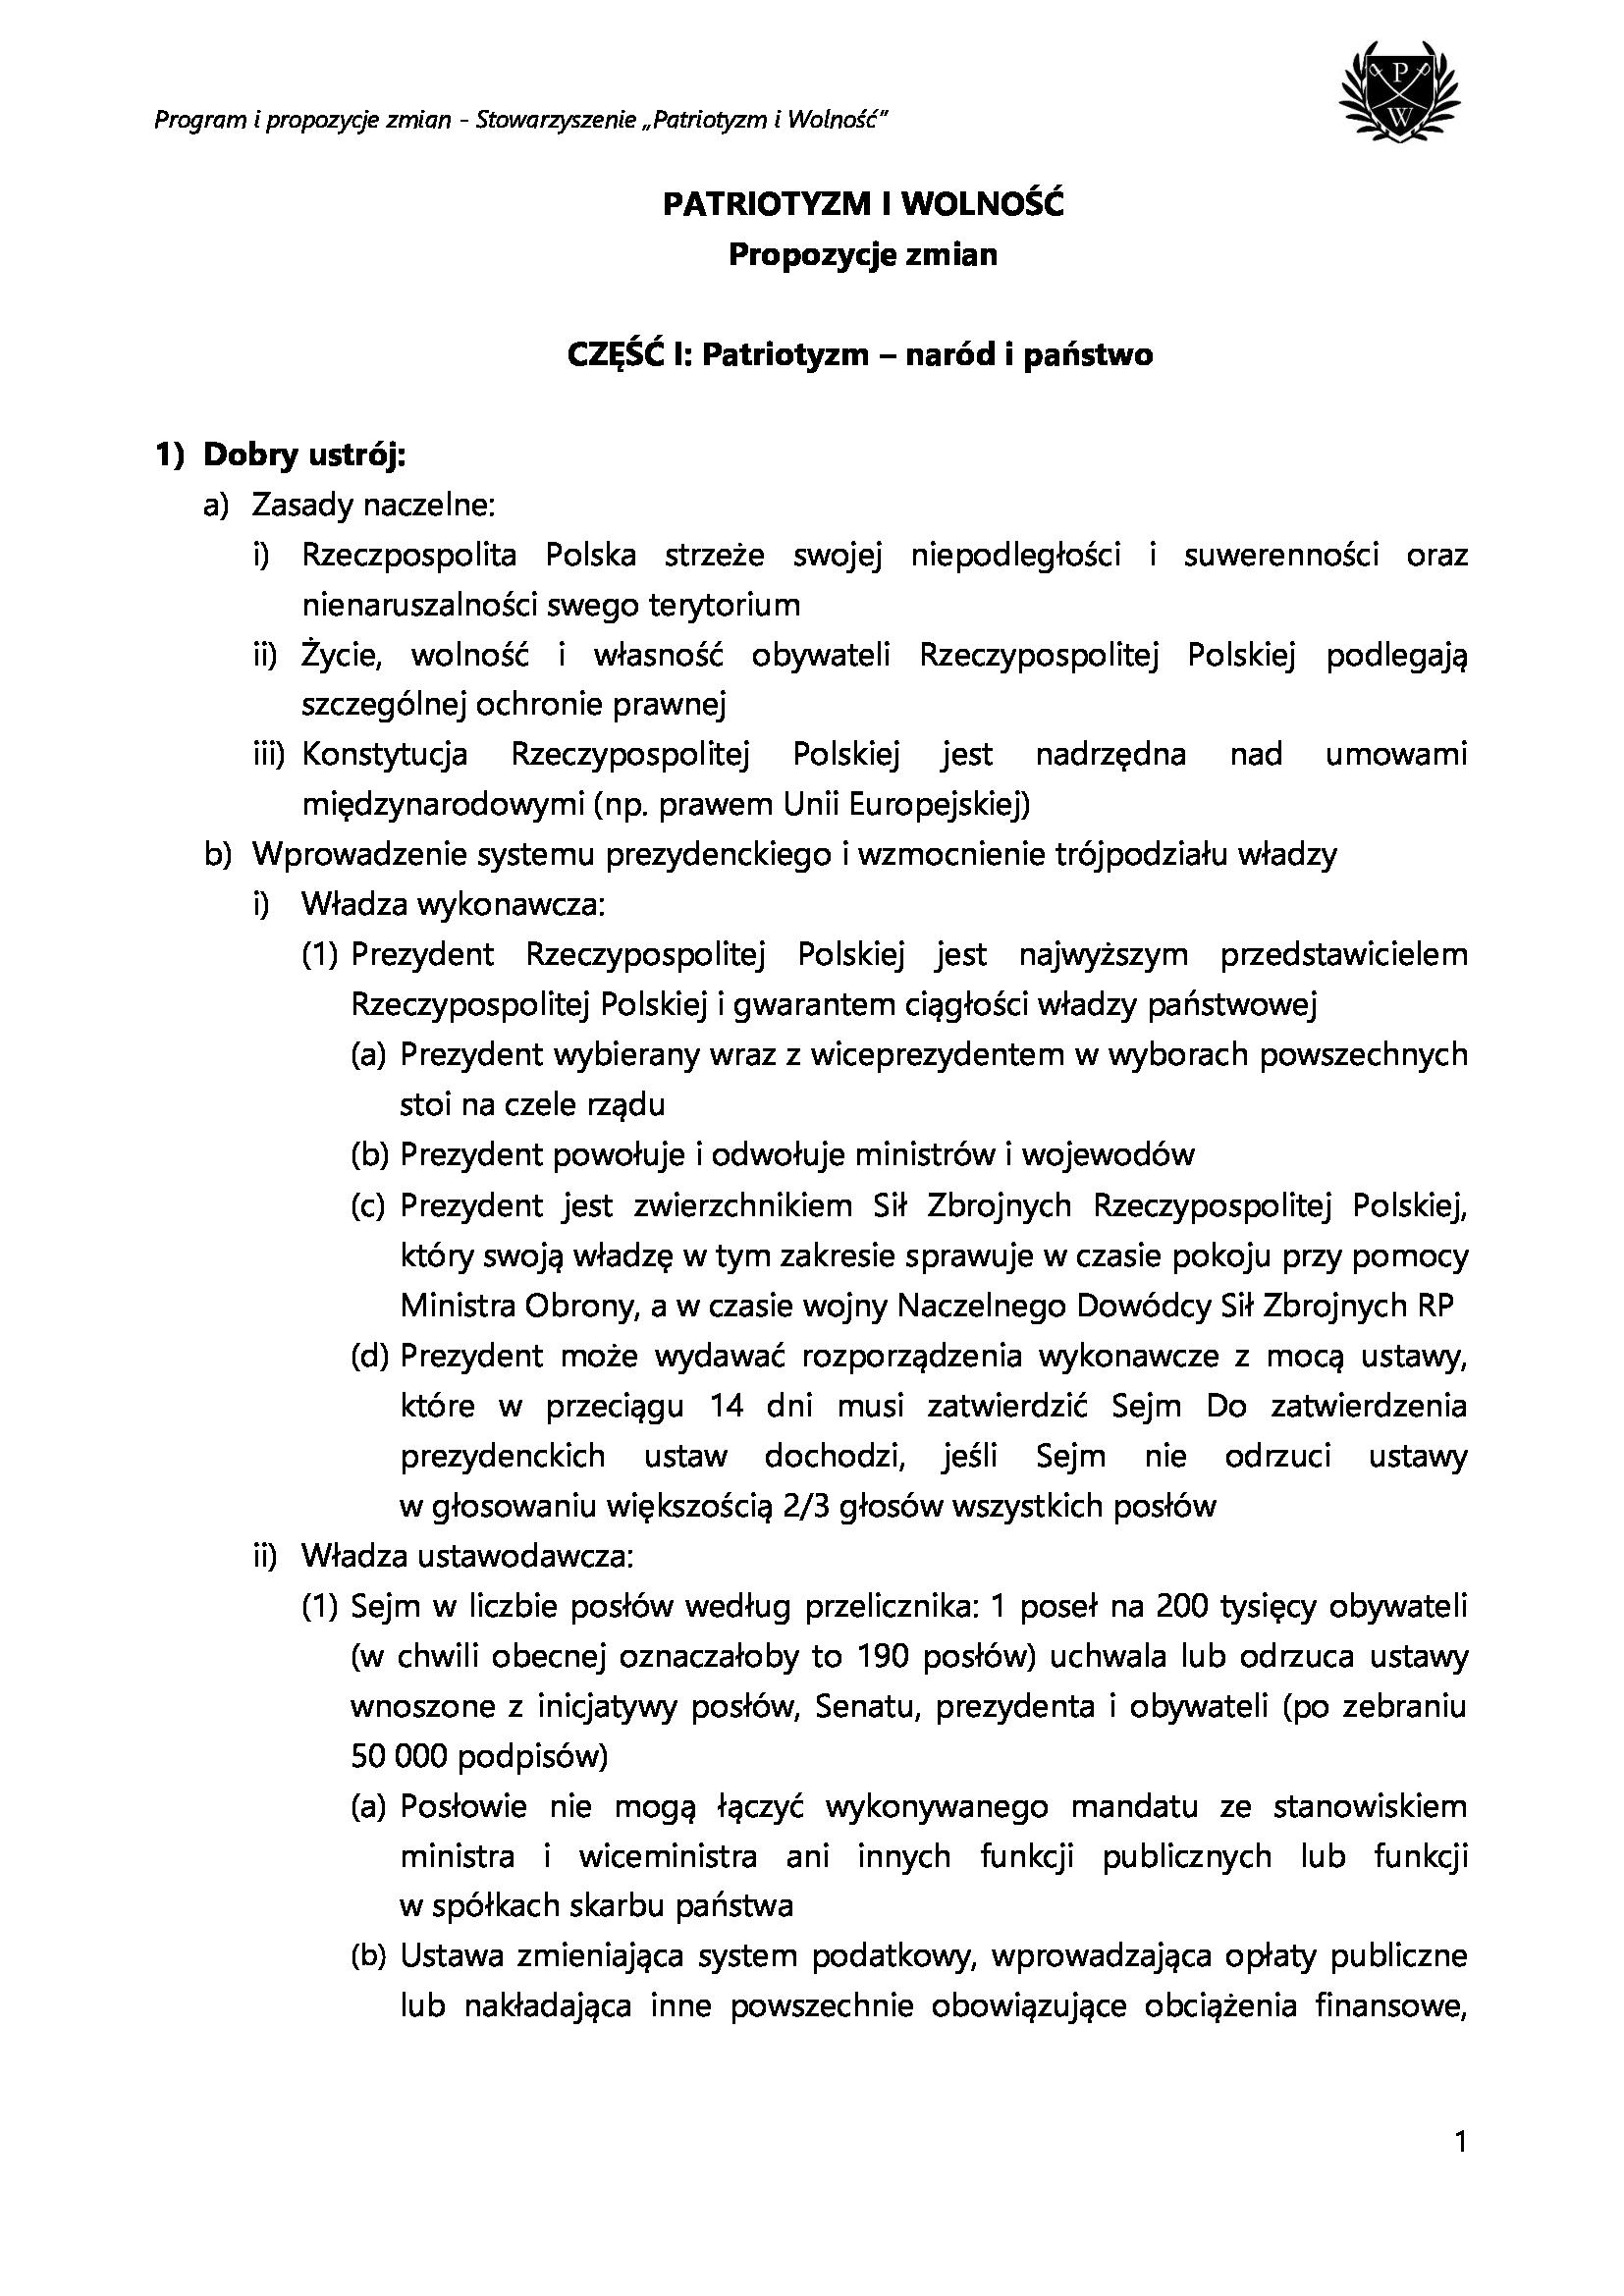 db9e272ef5a9a2e66d26f1905be6c507-1